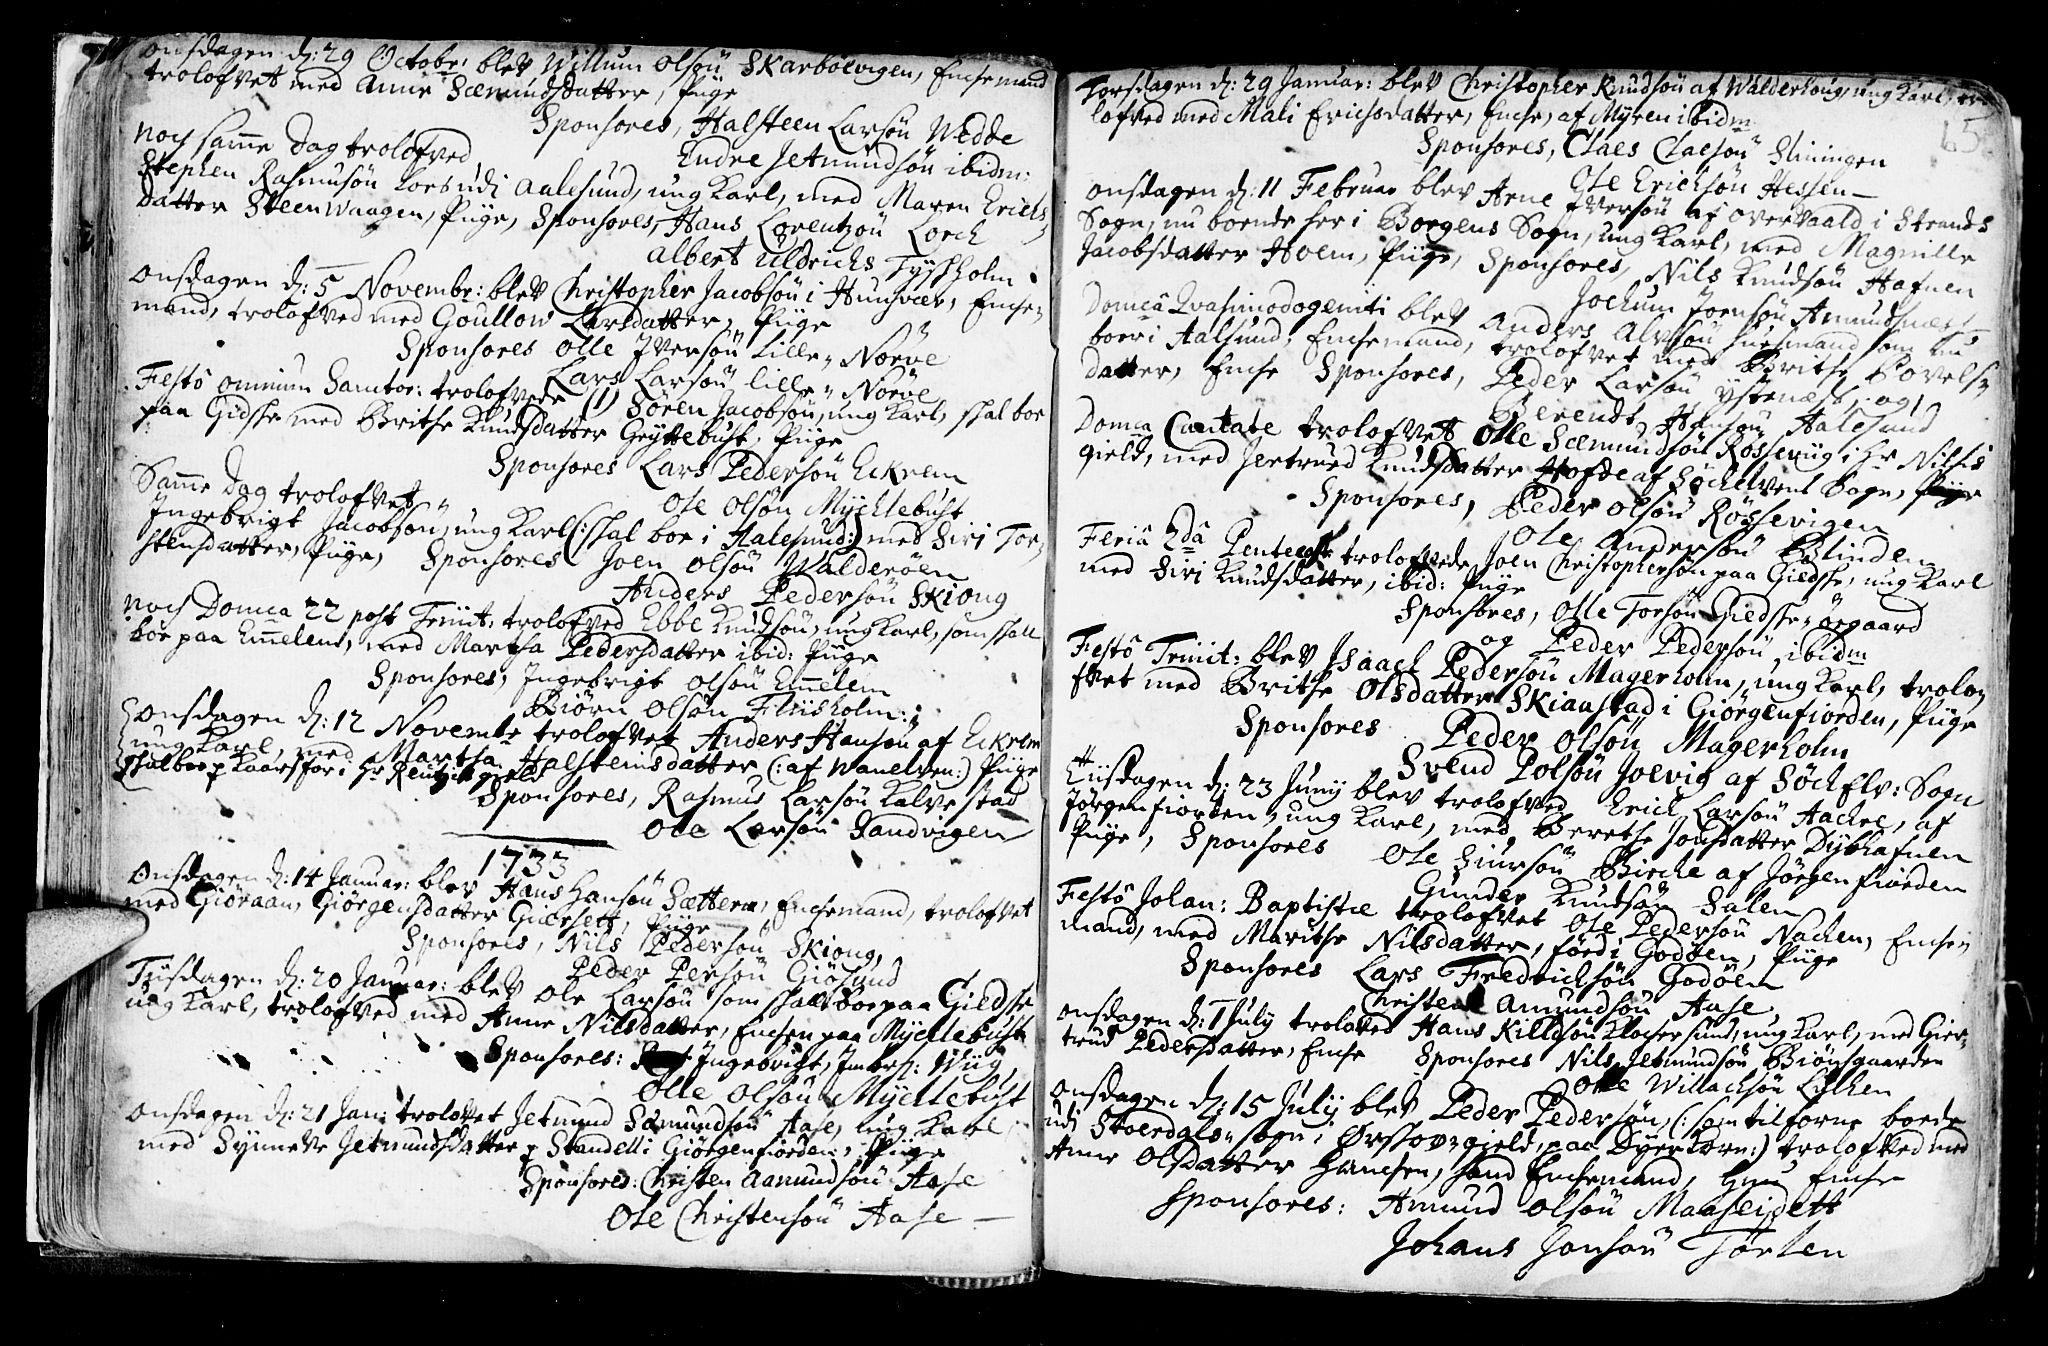 SAT, Ministerialprotokoller, klokkerbøker og fødselsregistre - Møre og Romsdal, 528/L0390: Ministerialbok nr. 528A01, 1698-1739, s. 64-65